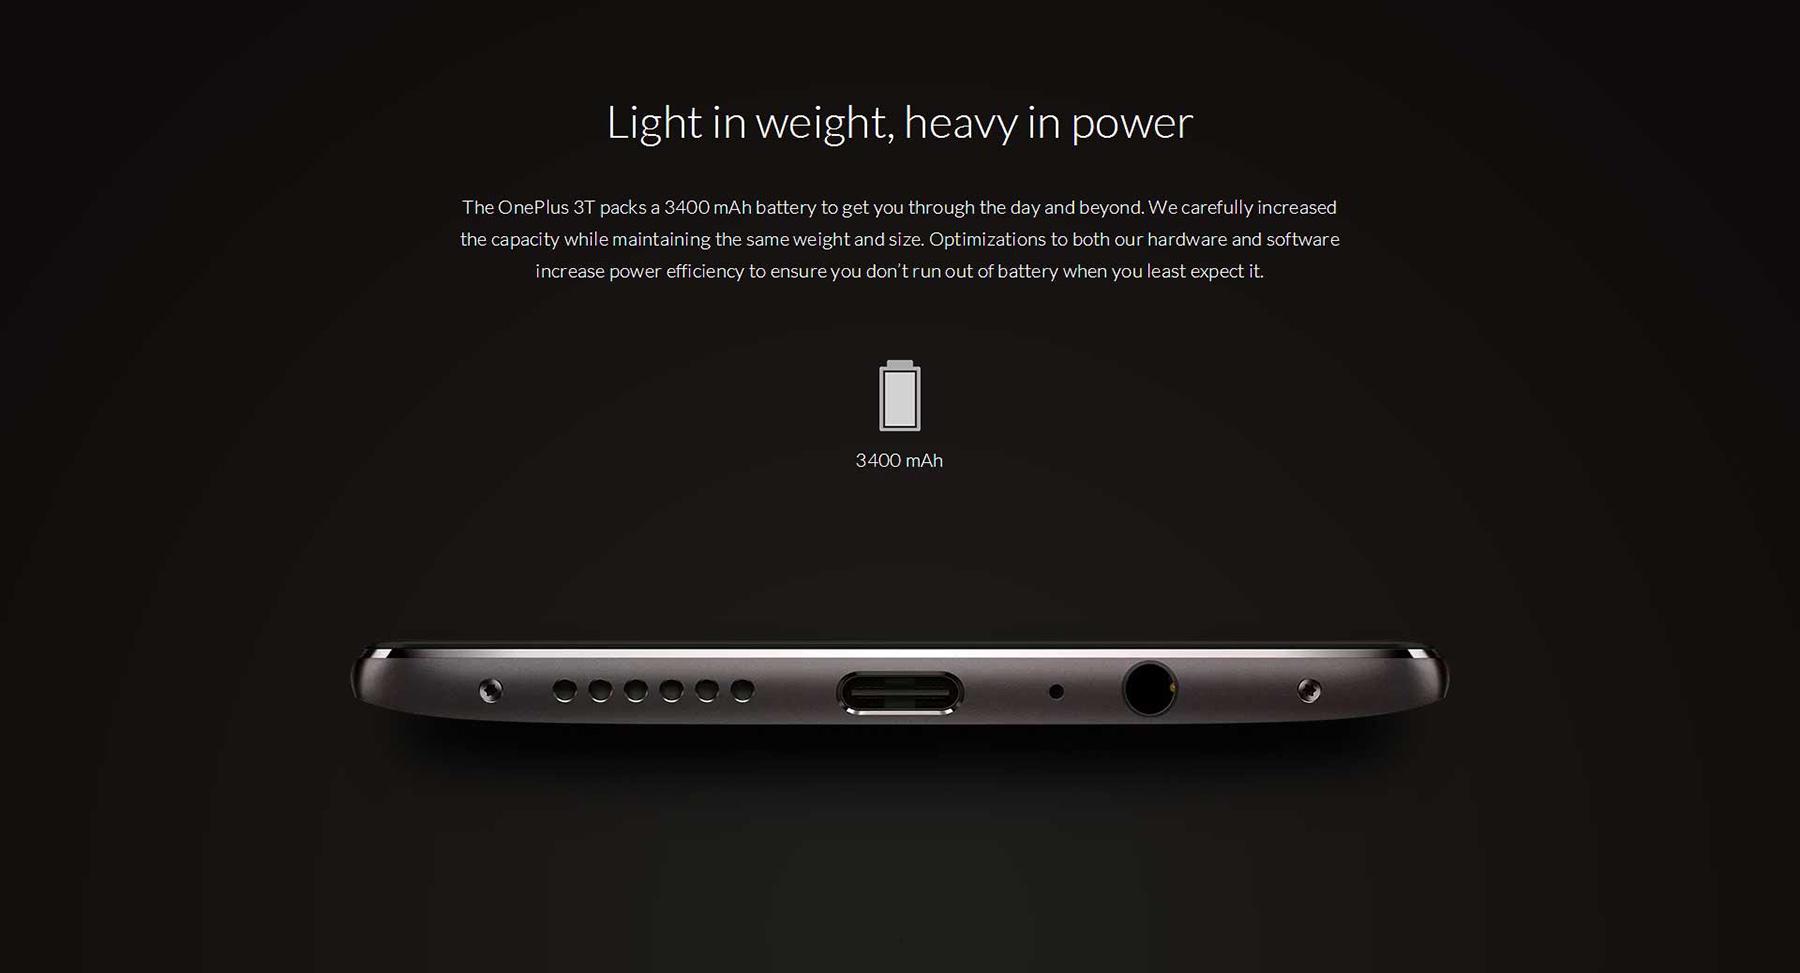 OnePlus 3T type-C